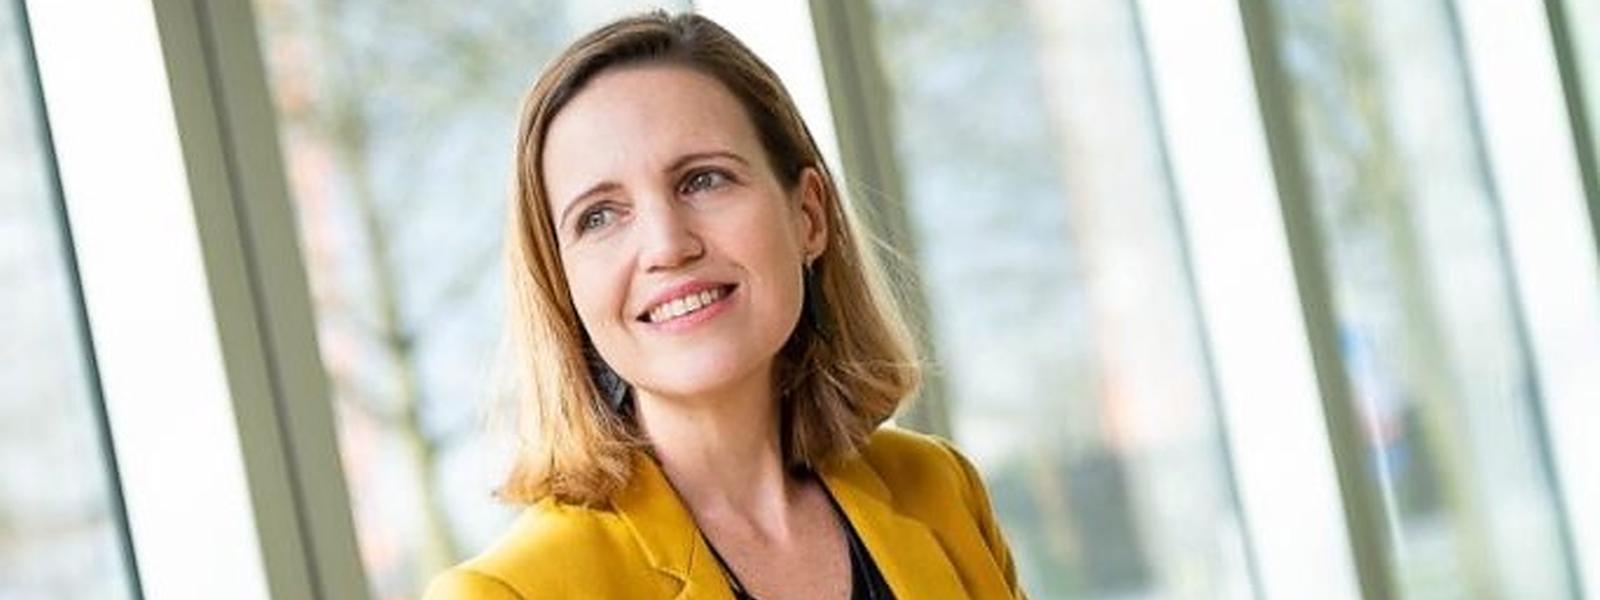 Ananda Kautz wurde letzten August Nachfolgerin von Marc Hemmerling, der in den Ruhestand ging: seitdem leitet die Brasilianerin beim Bankenverband ABBL den Bereich Innovation, Digital Banking and Payments.